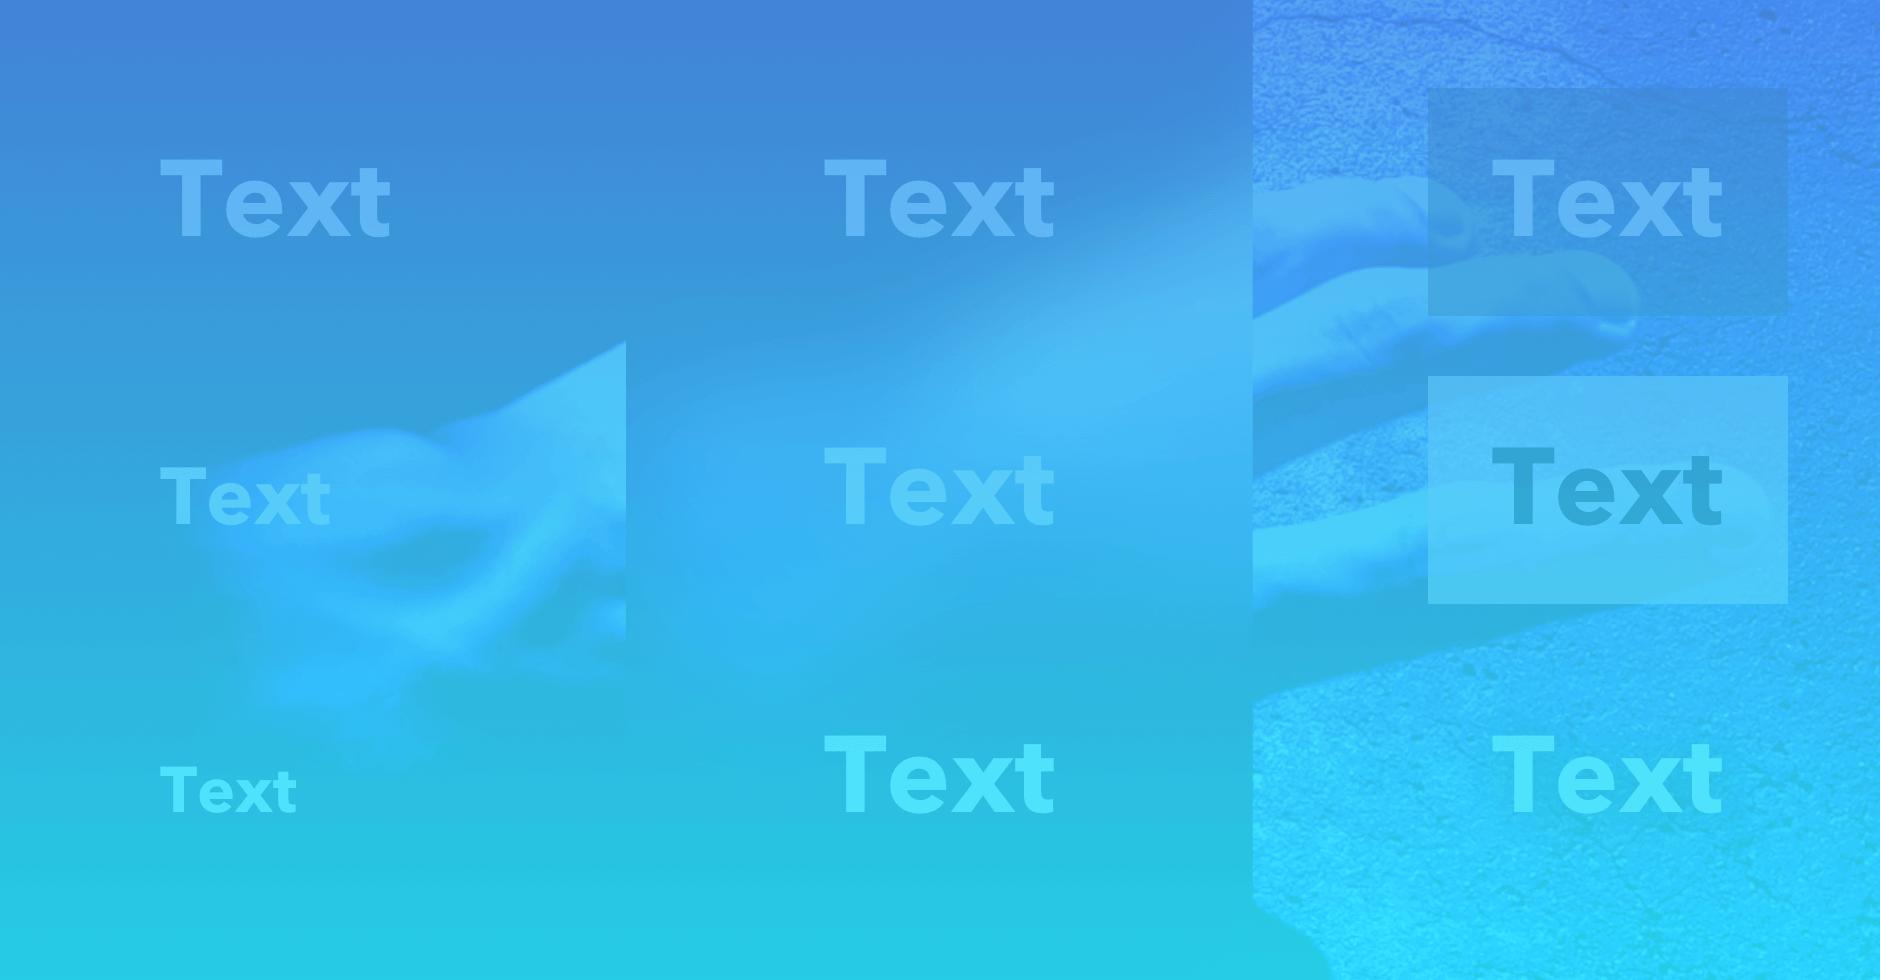 Jak správně umístit texty přes obrázky